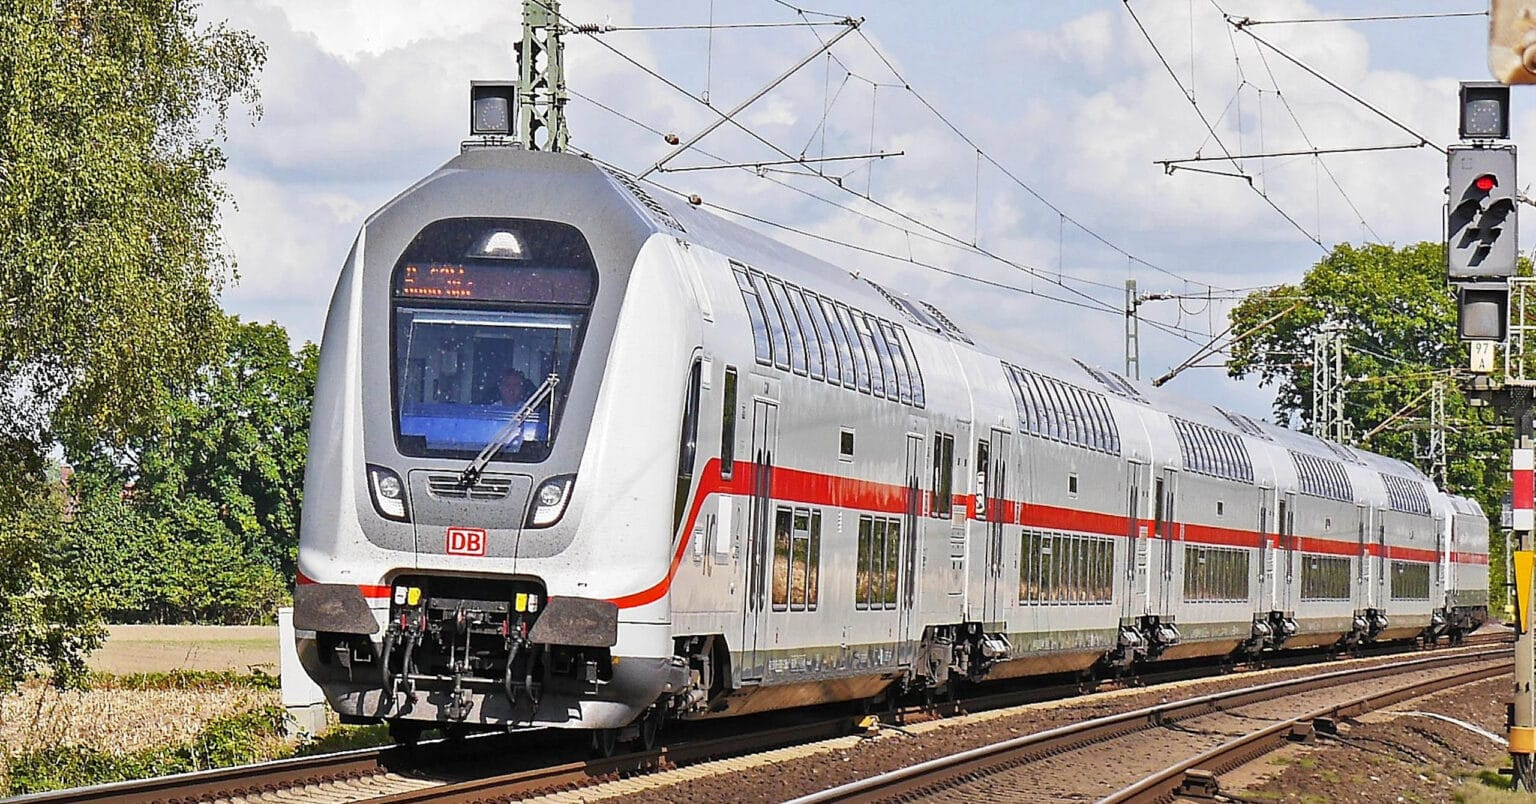 Coches de 2 pisos para el servicio Intercity de la Deutsche Bahn fabricados por Bombardier